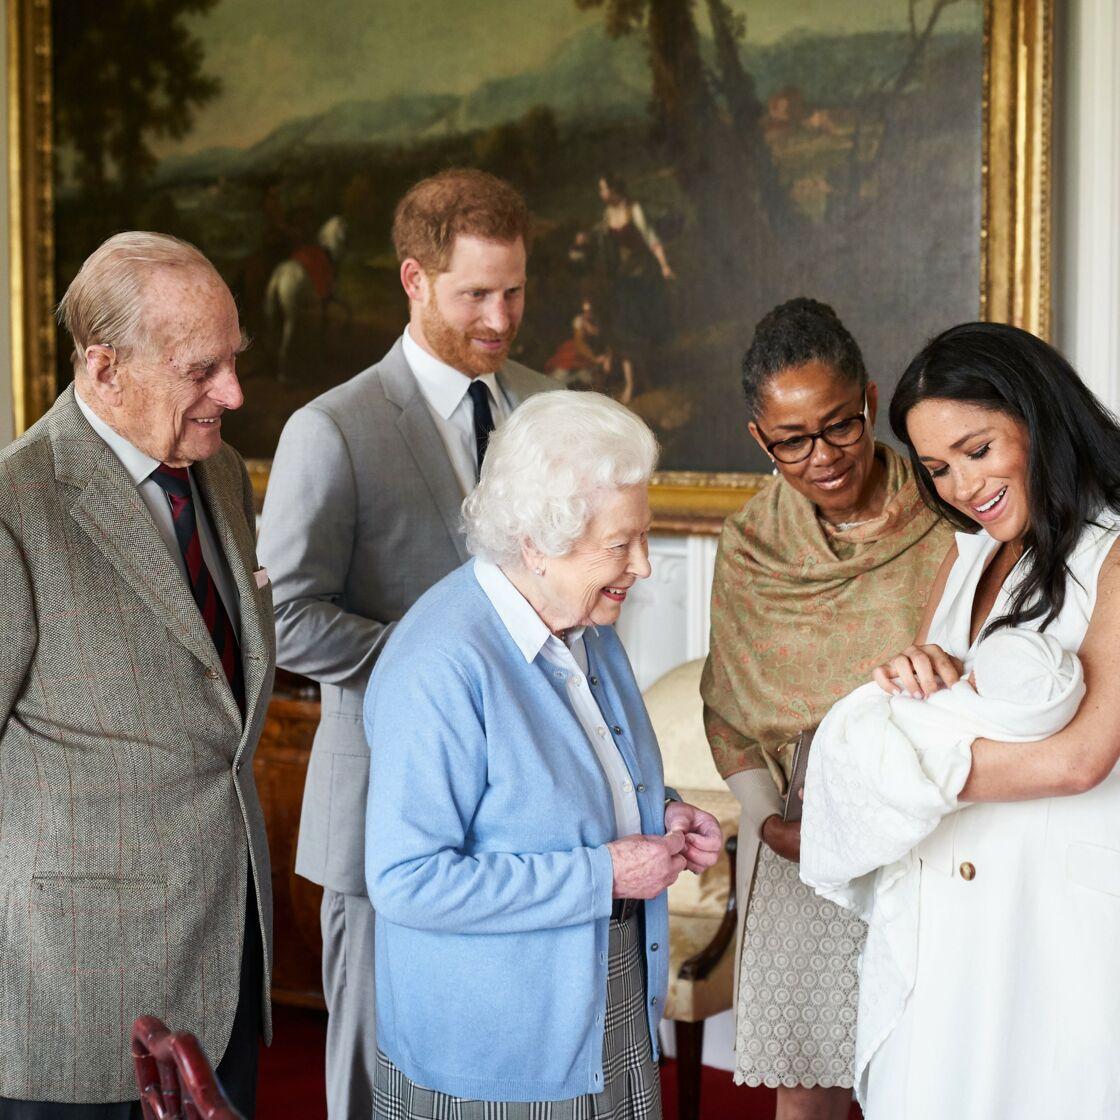 Le prince Philip, la reine Elisabeth II, Doria Ragland, le prince Harry, Meghan Markle, et leur fils Archie, à Windsor, le 7 mai 2019.